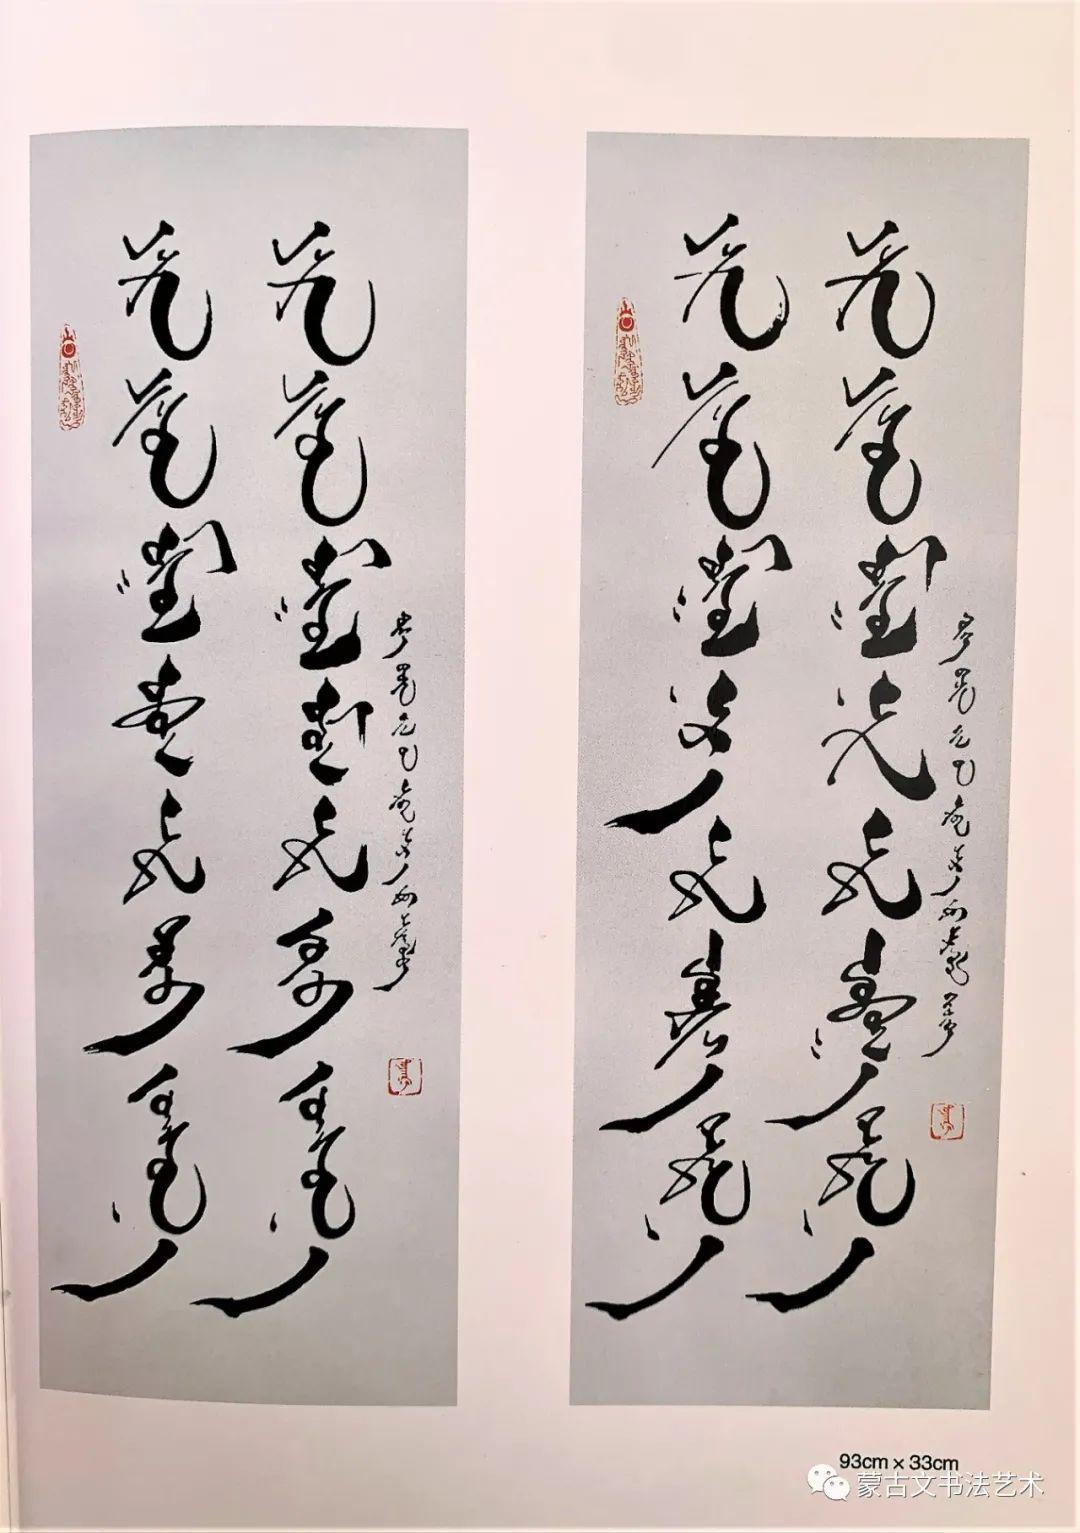 书法书籍——【图雅作品集】 第7张